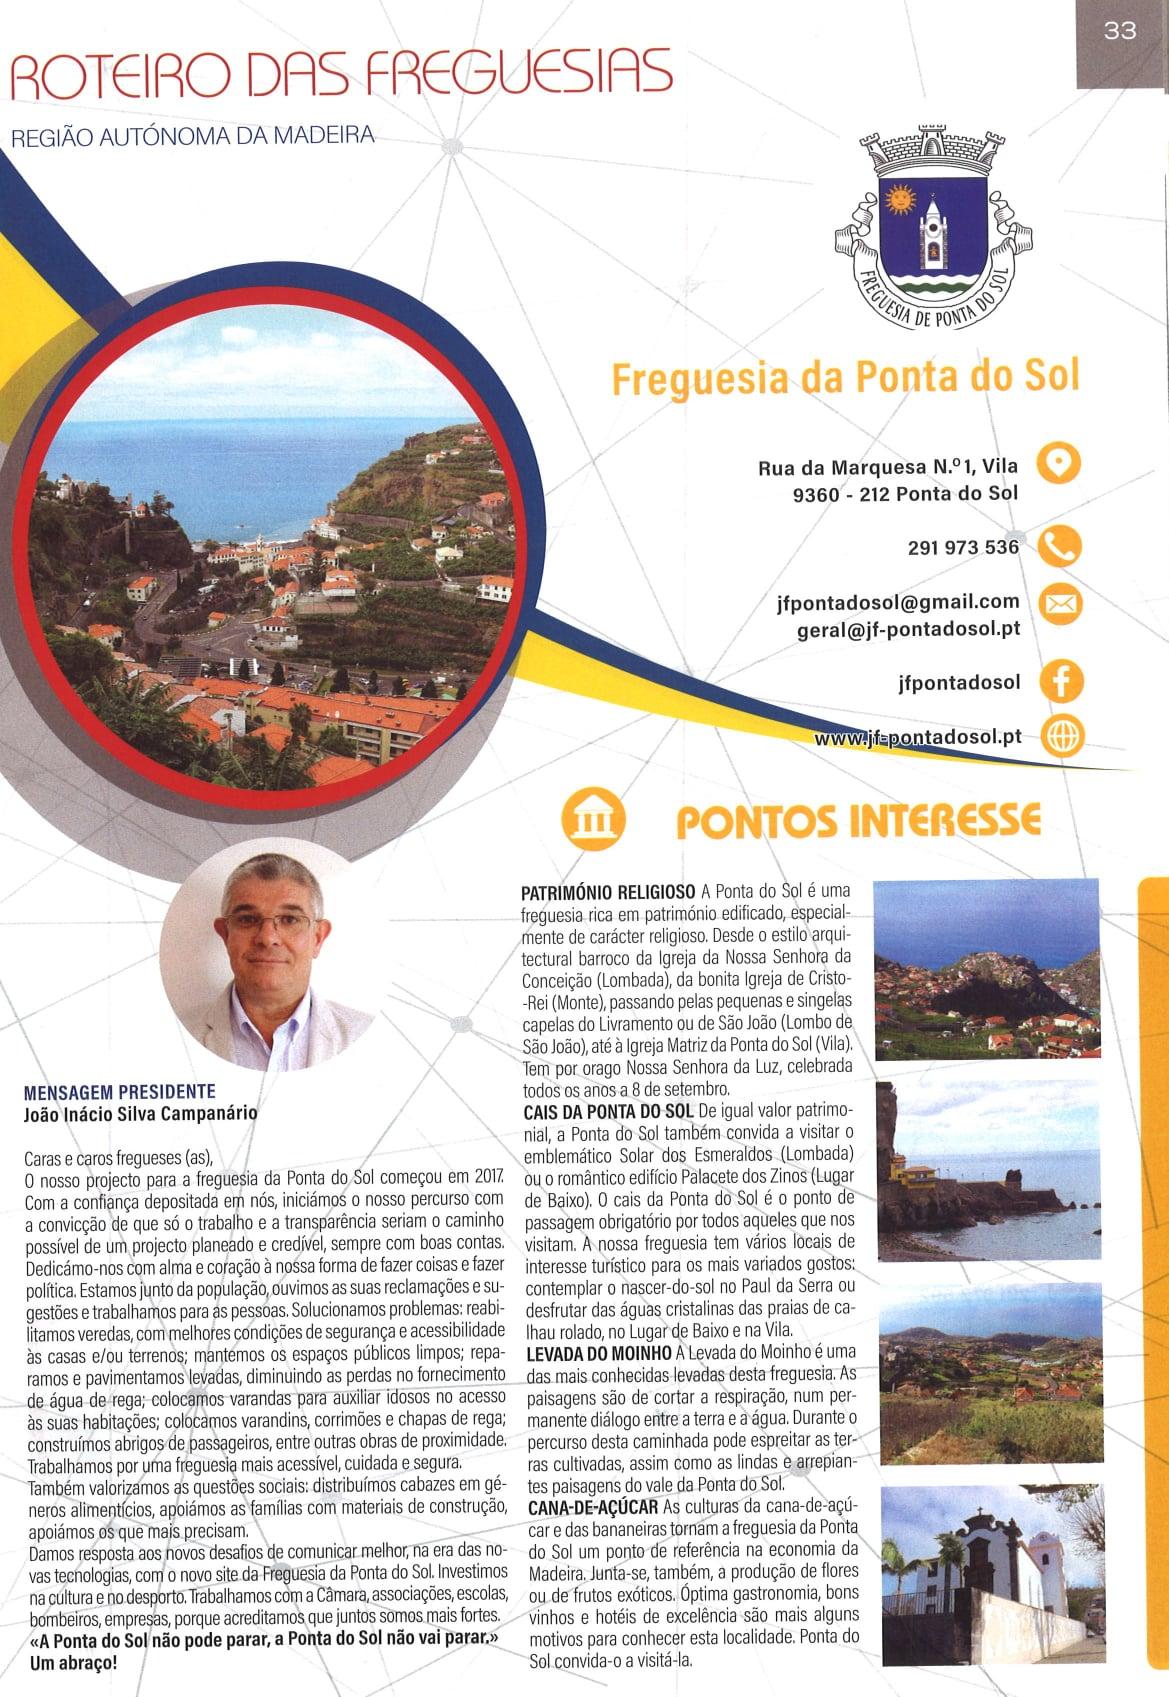 Roteiro da freguesia da Ponta do Sol